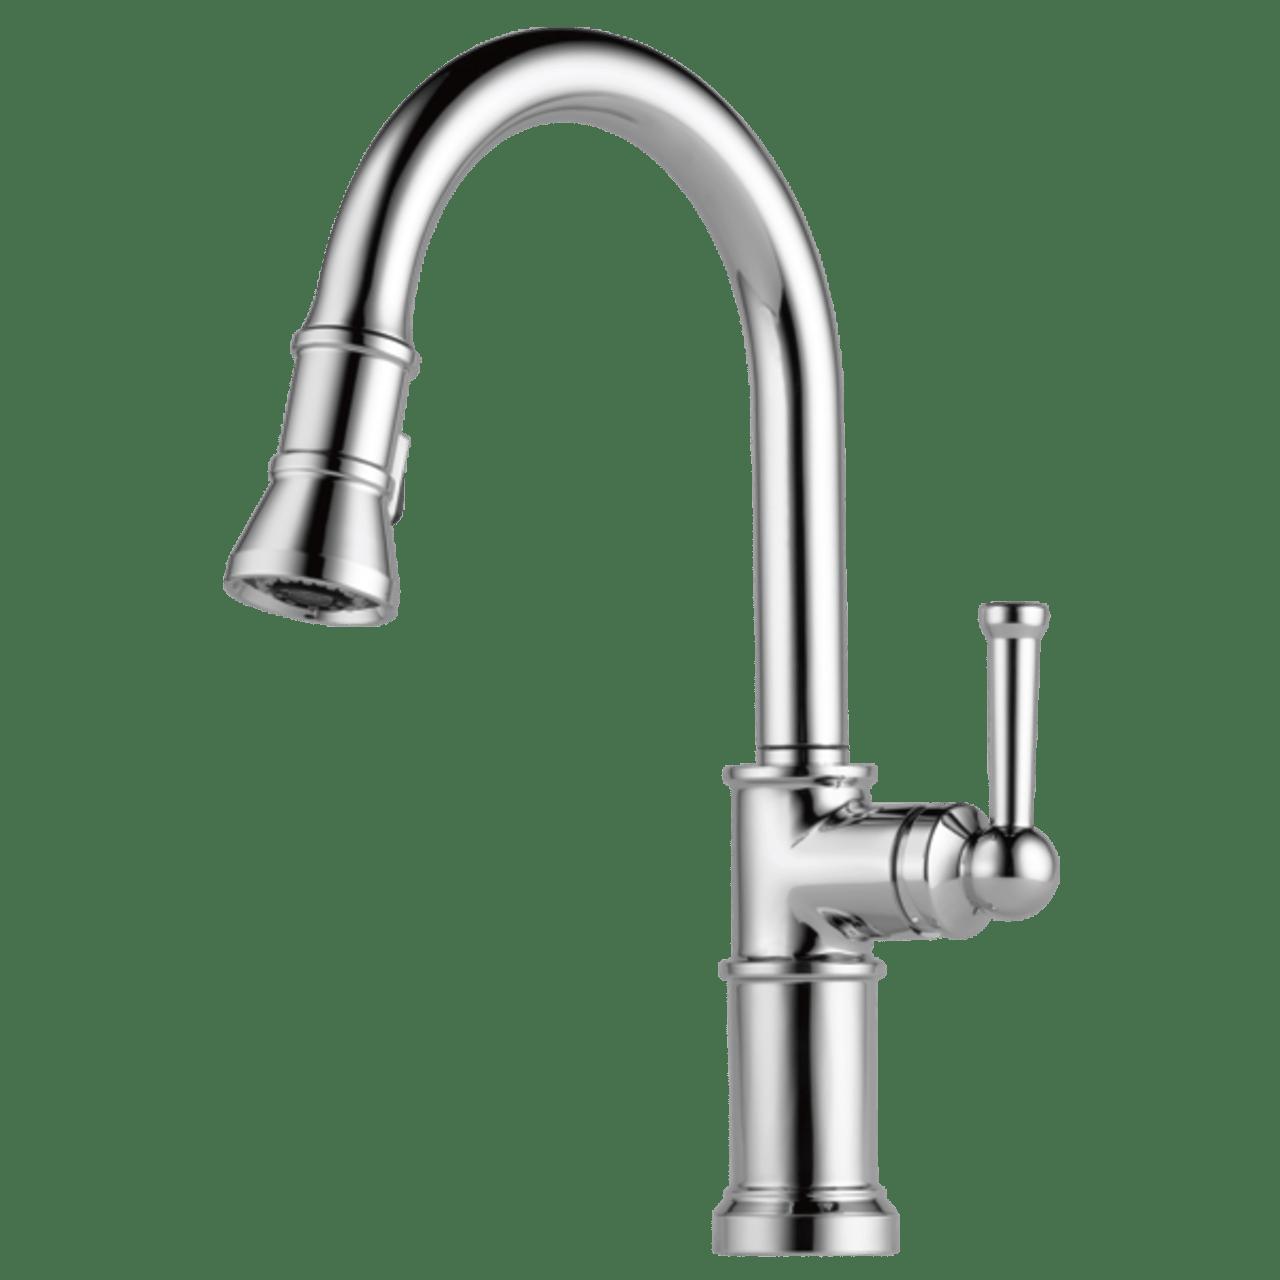 brizo artesso single handle pull down kitchen faucet